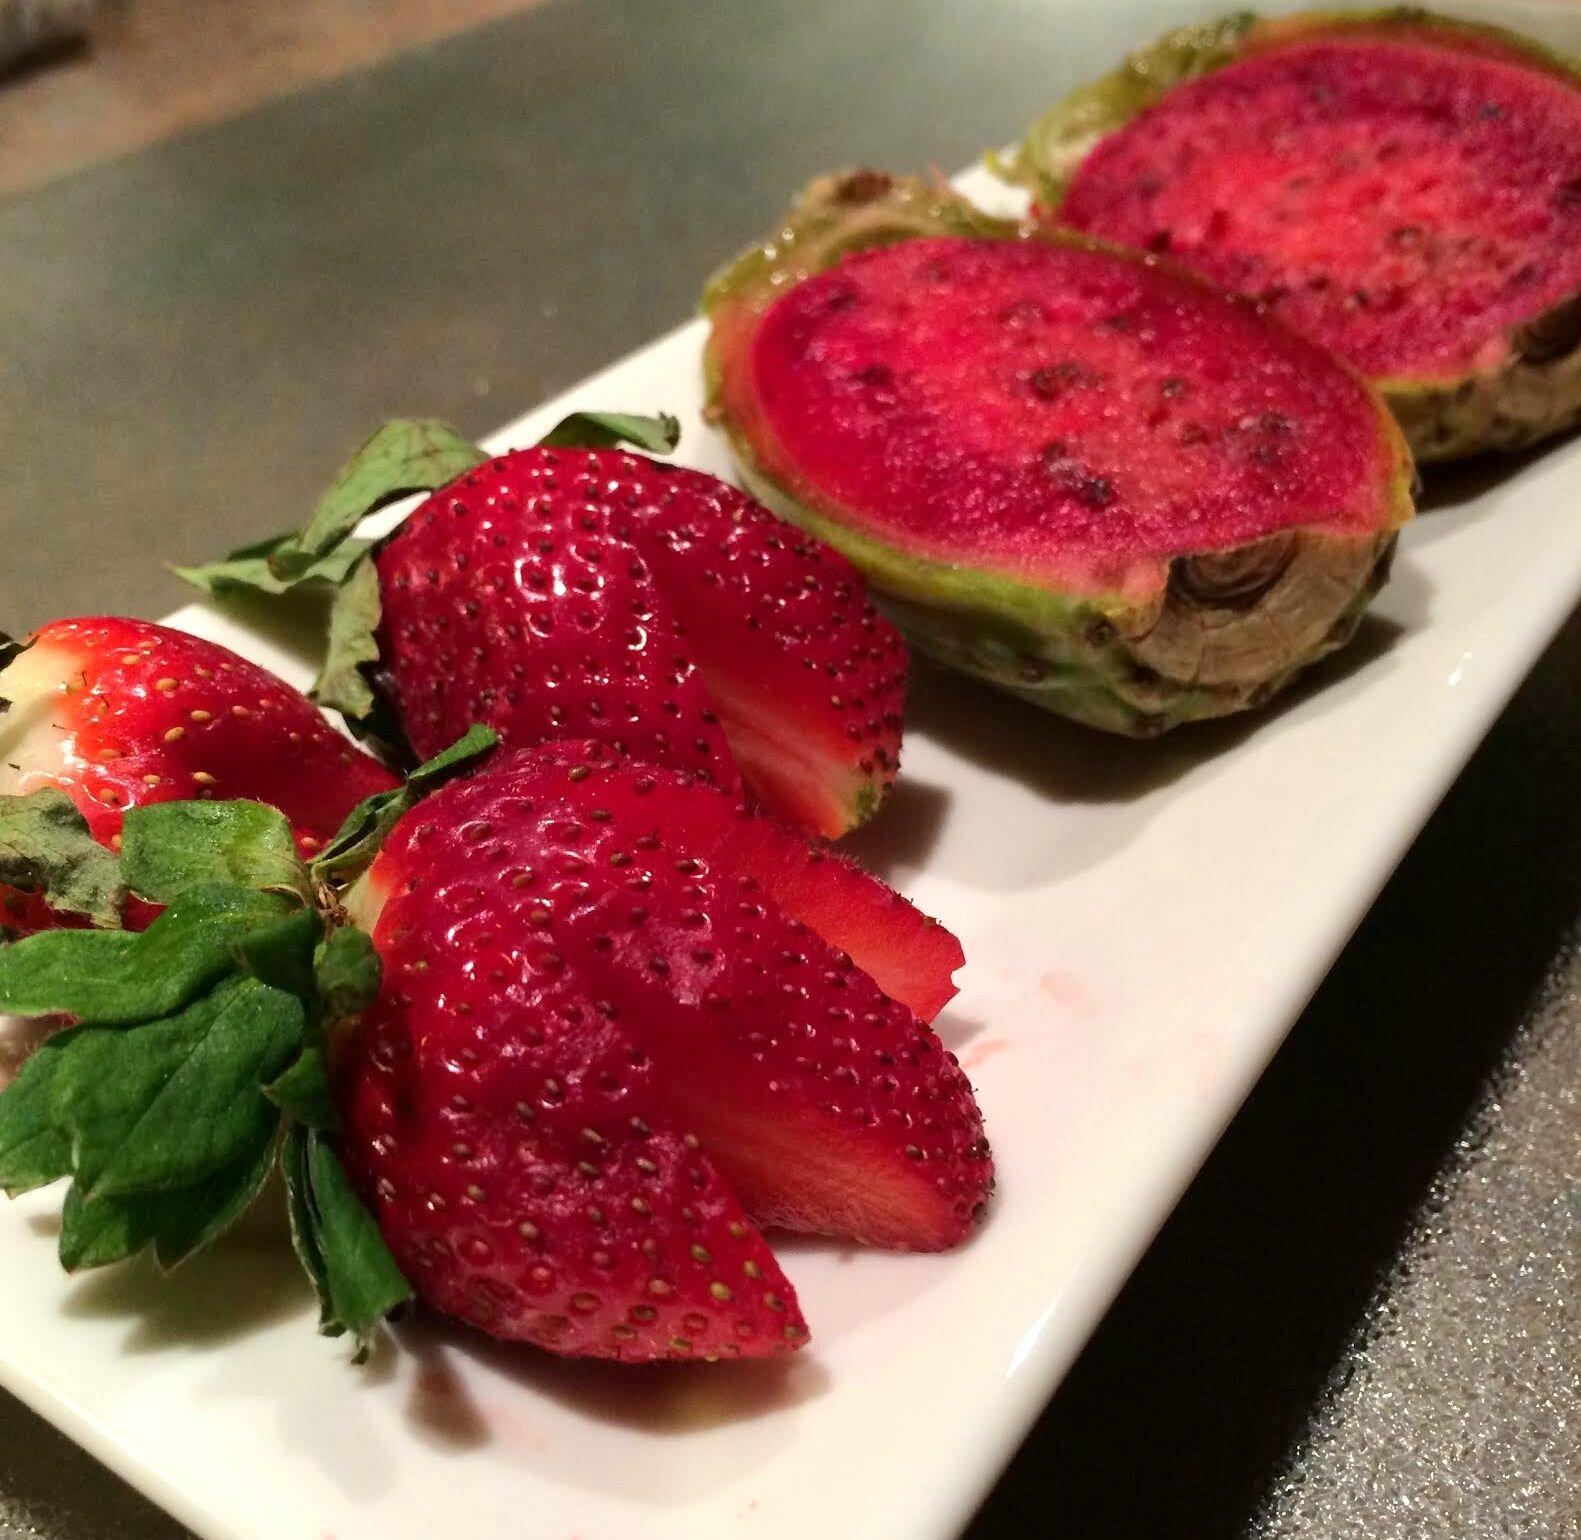 D couverte fruit e la famille gerdel - Comment manger une figue de barbarie ...